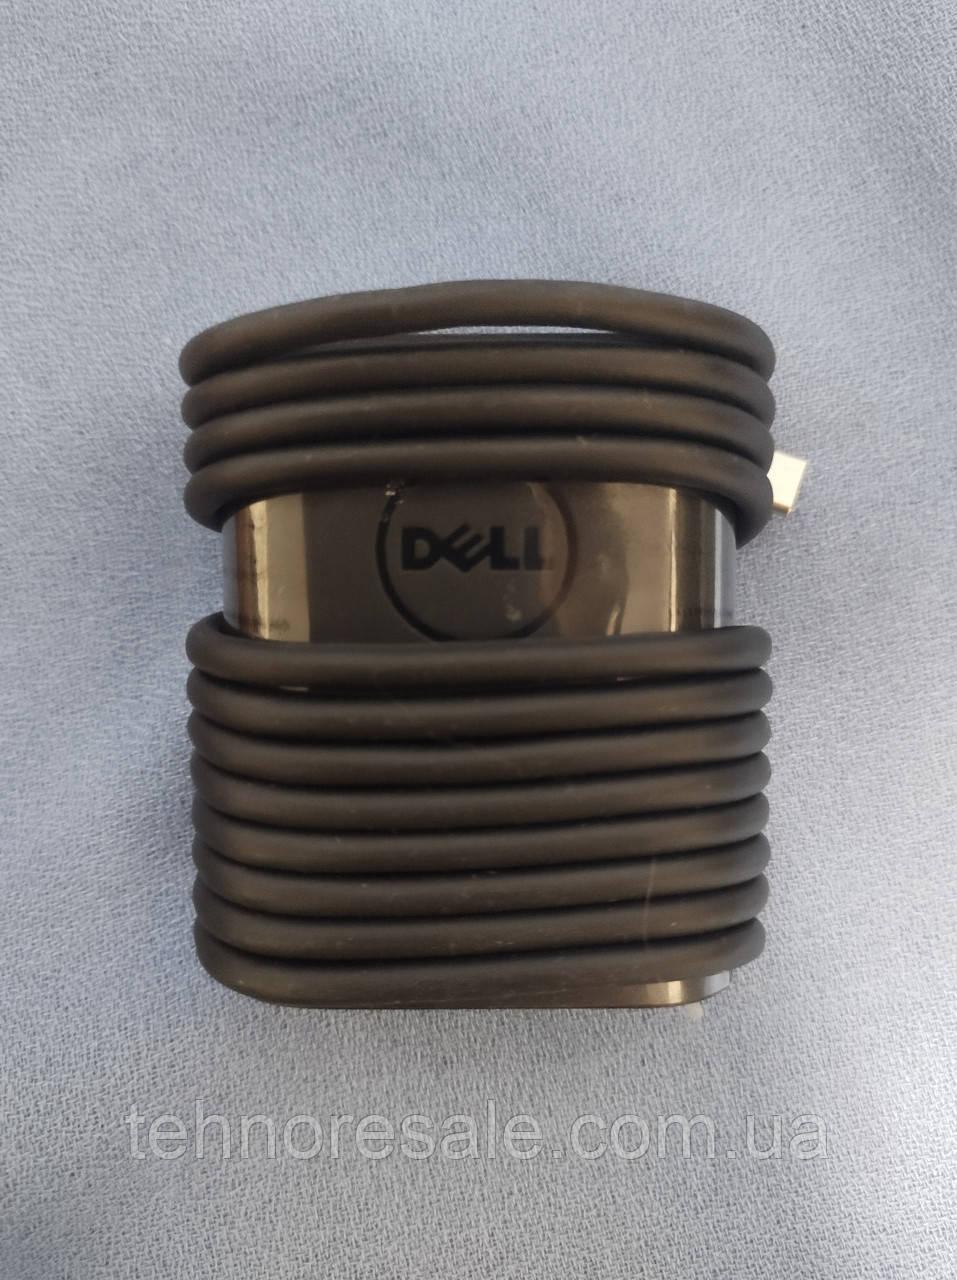 Dell 30w USB-C (Type-C) зарядний пристрій для планшета, ноутбука та інших пристроїв